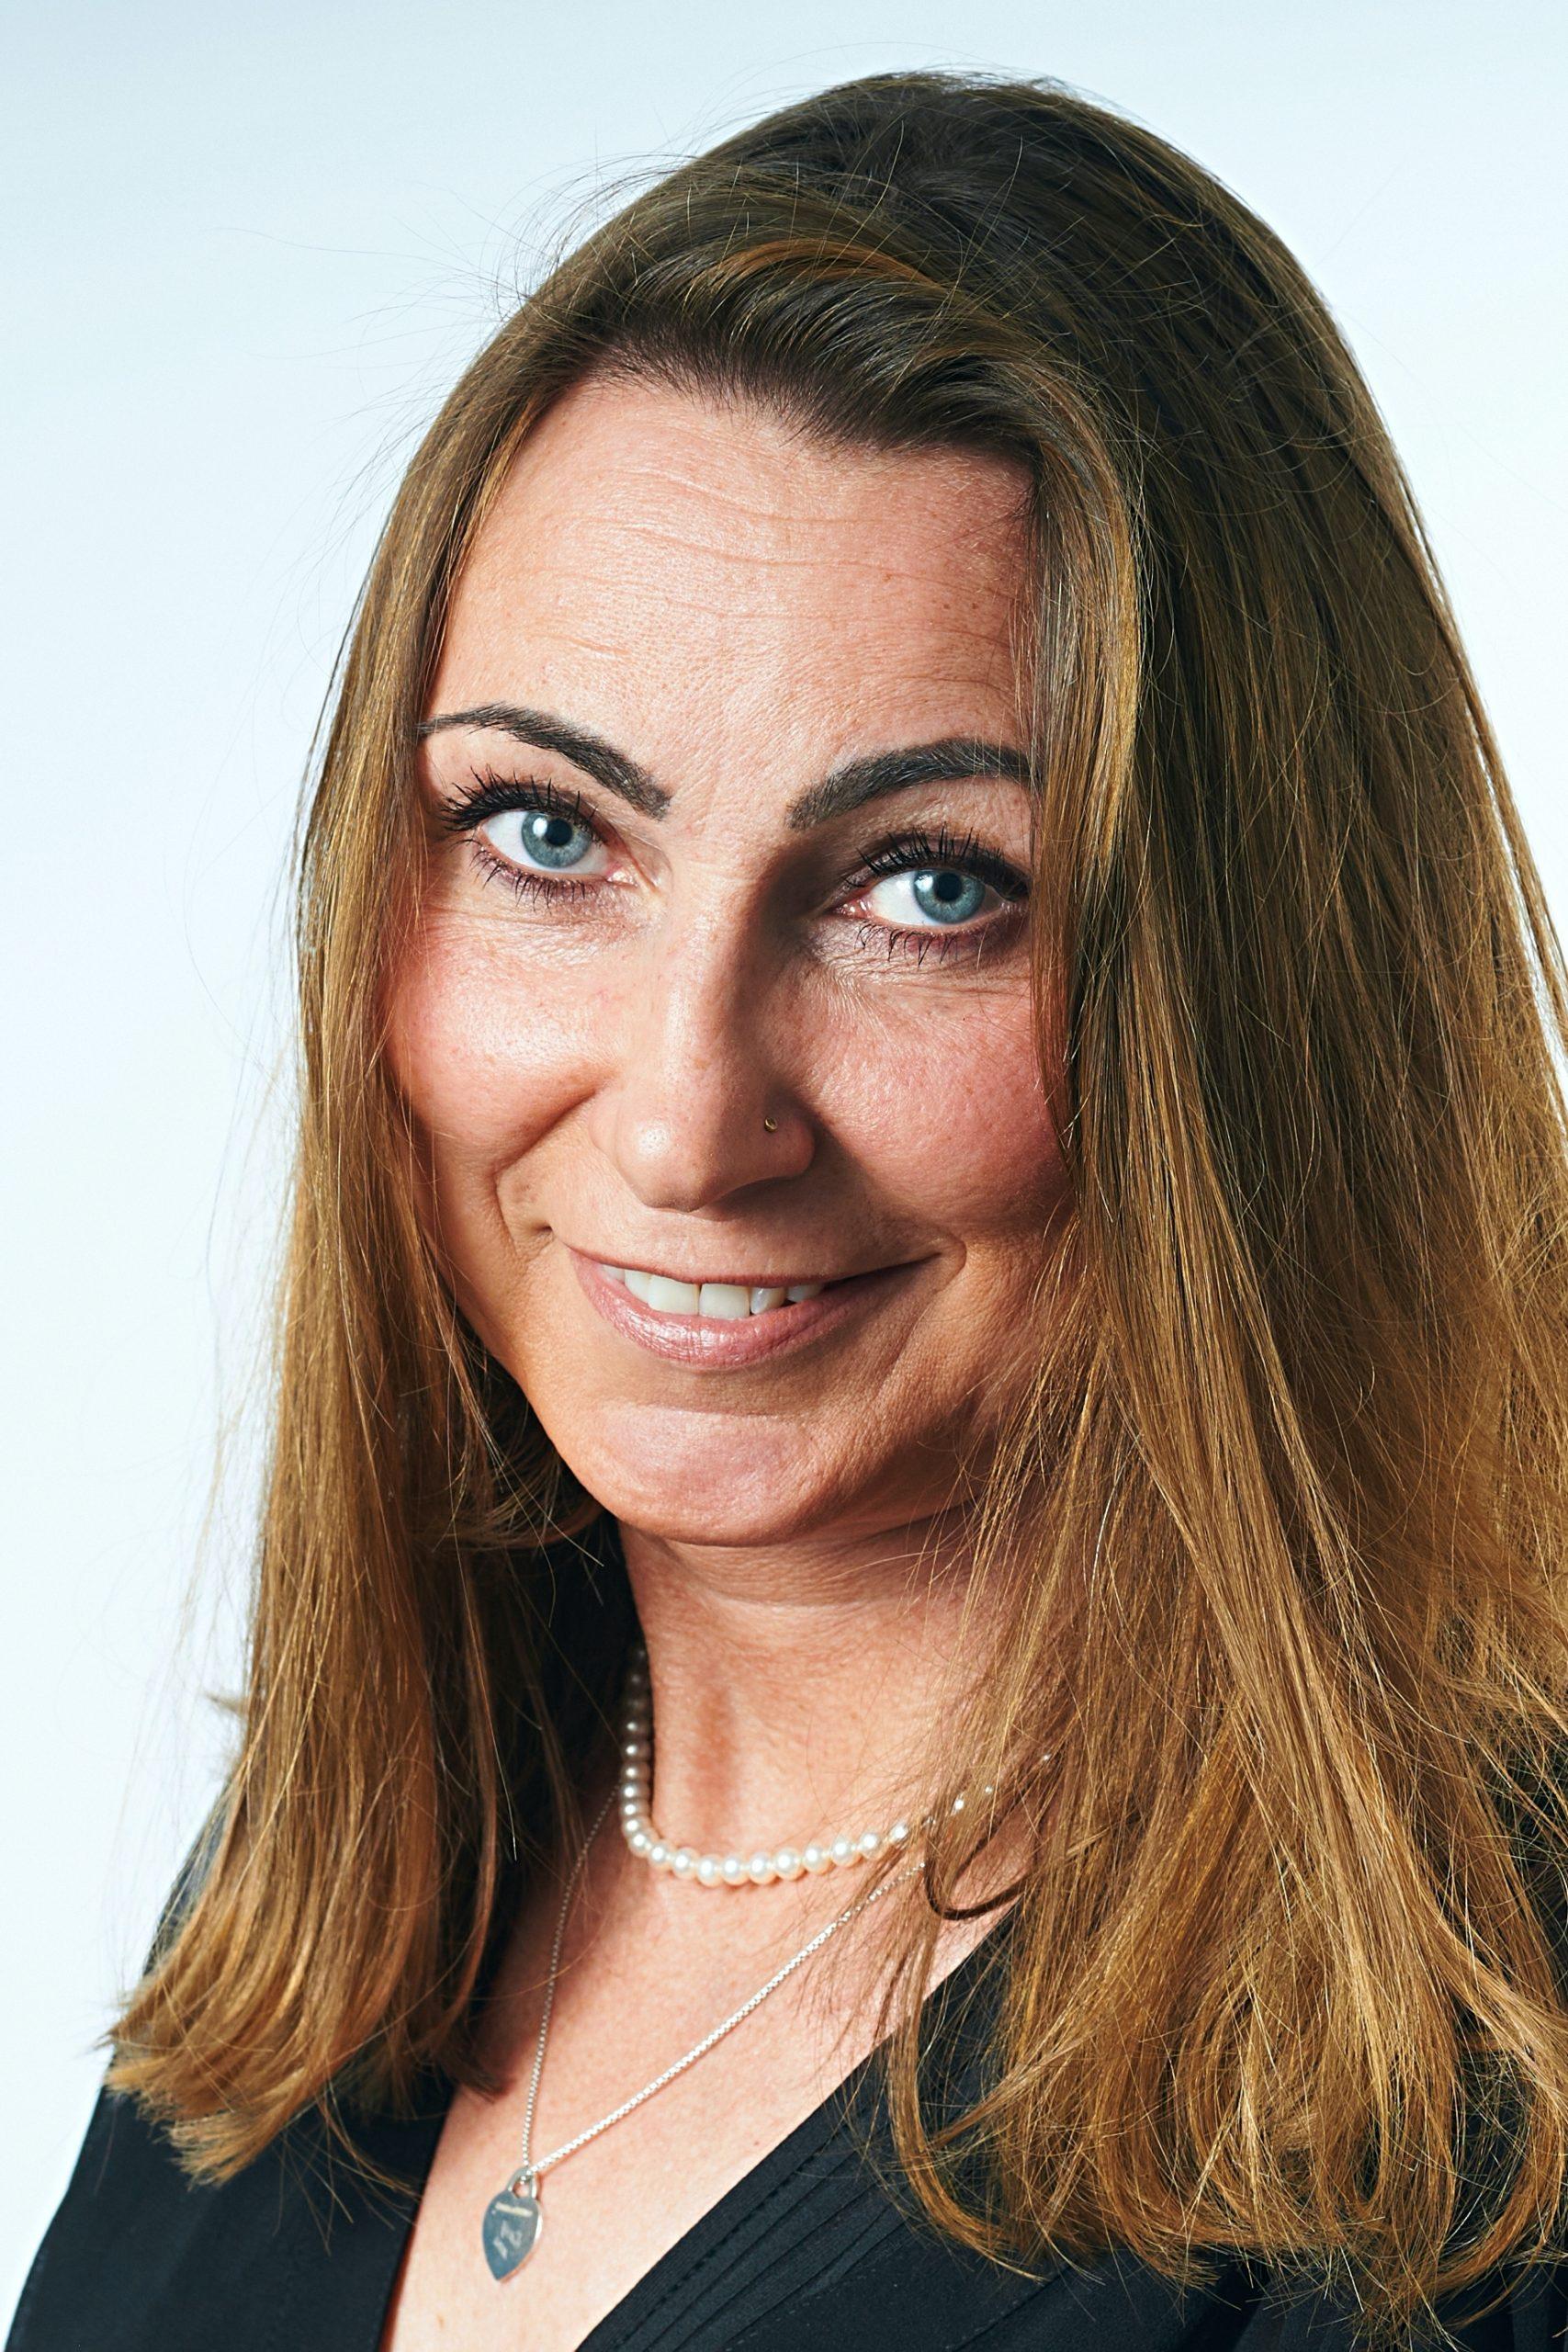 Beata Zielkens